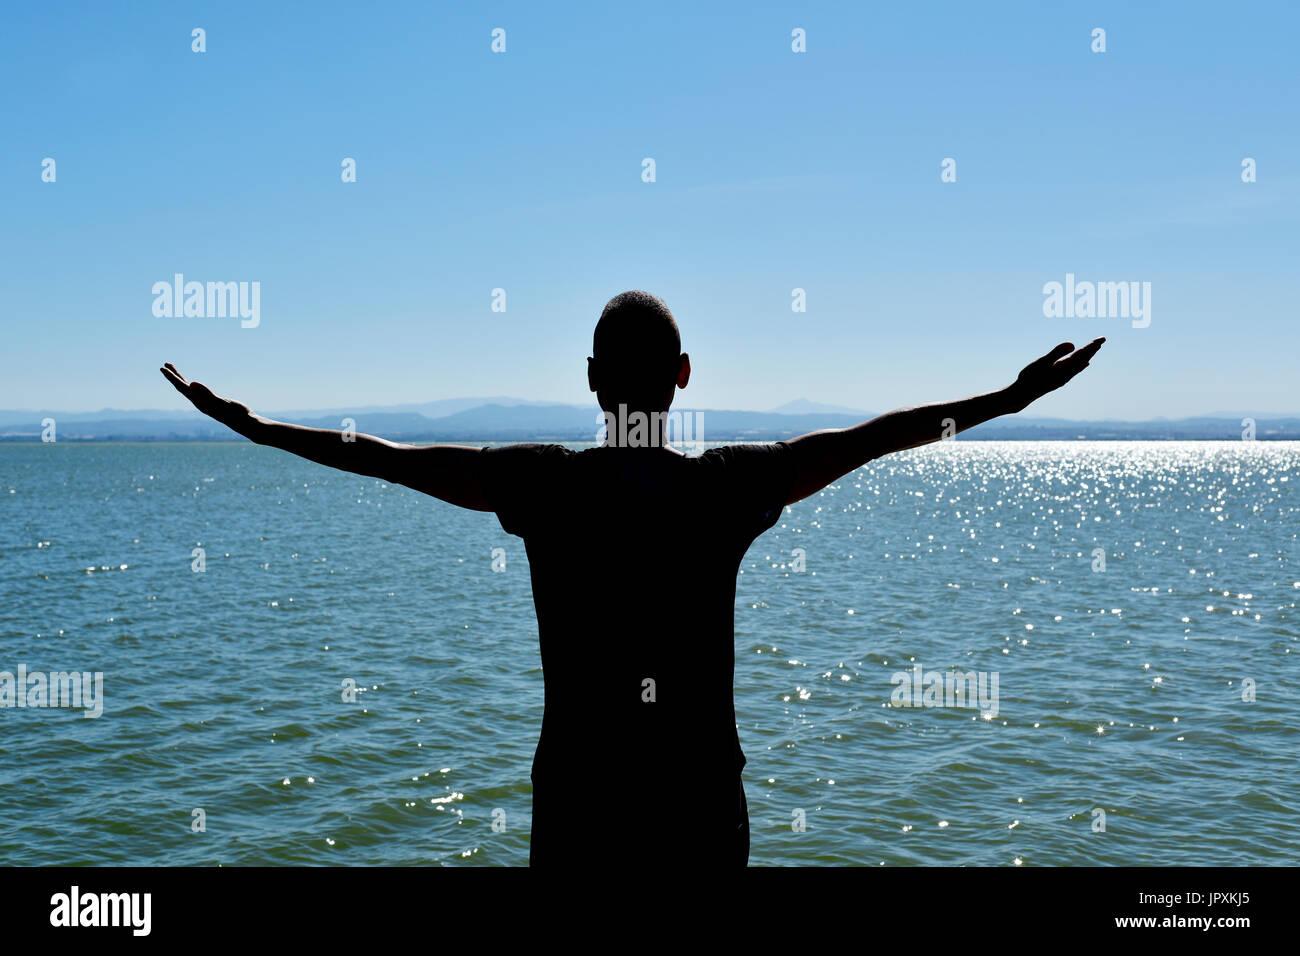 La silueta de un joven hombre caucásico visto desde atrás con sus brazos en el aire delante del océano, sintiéndose libre Imagen De Stock